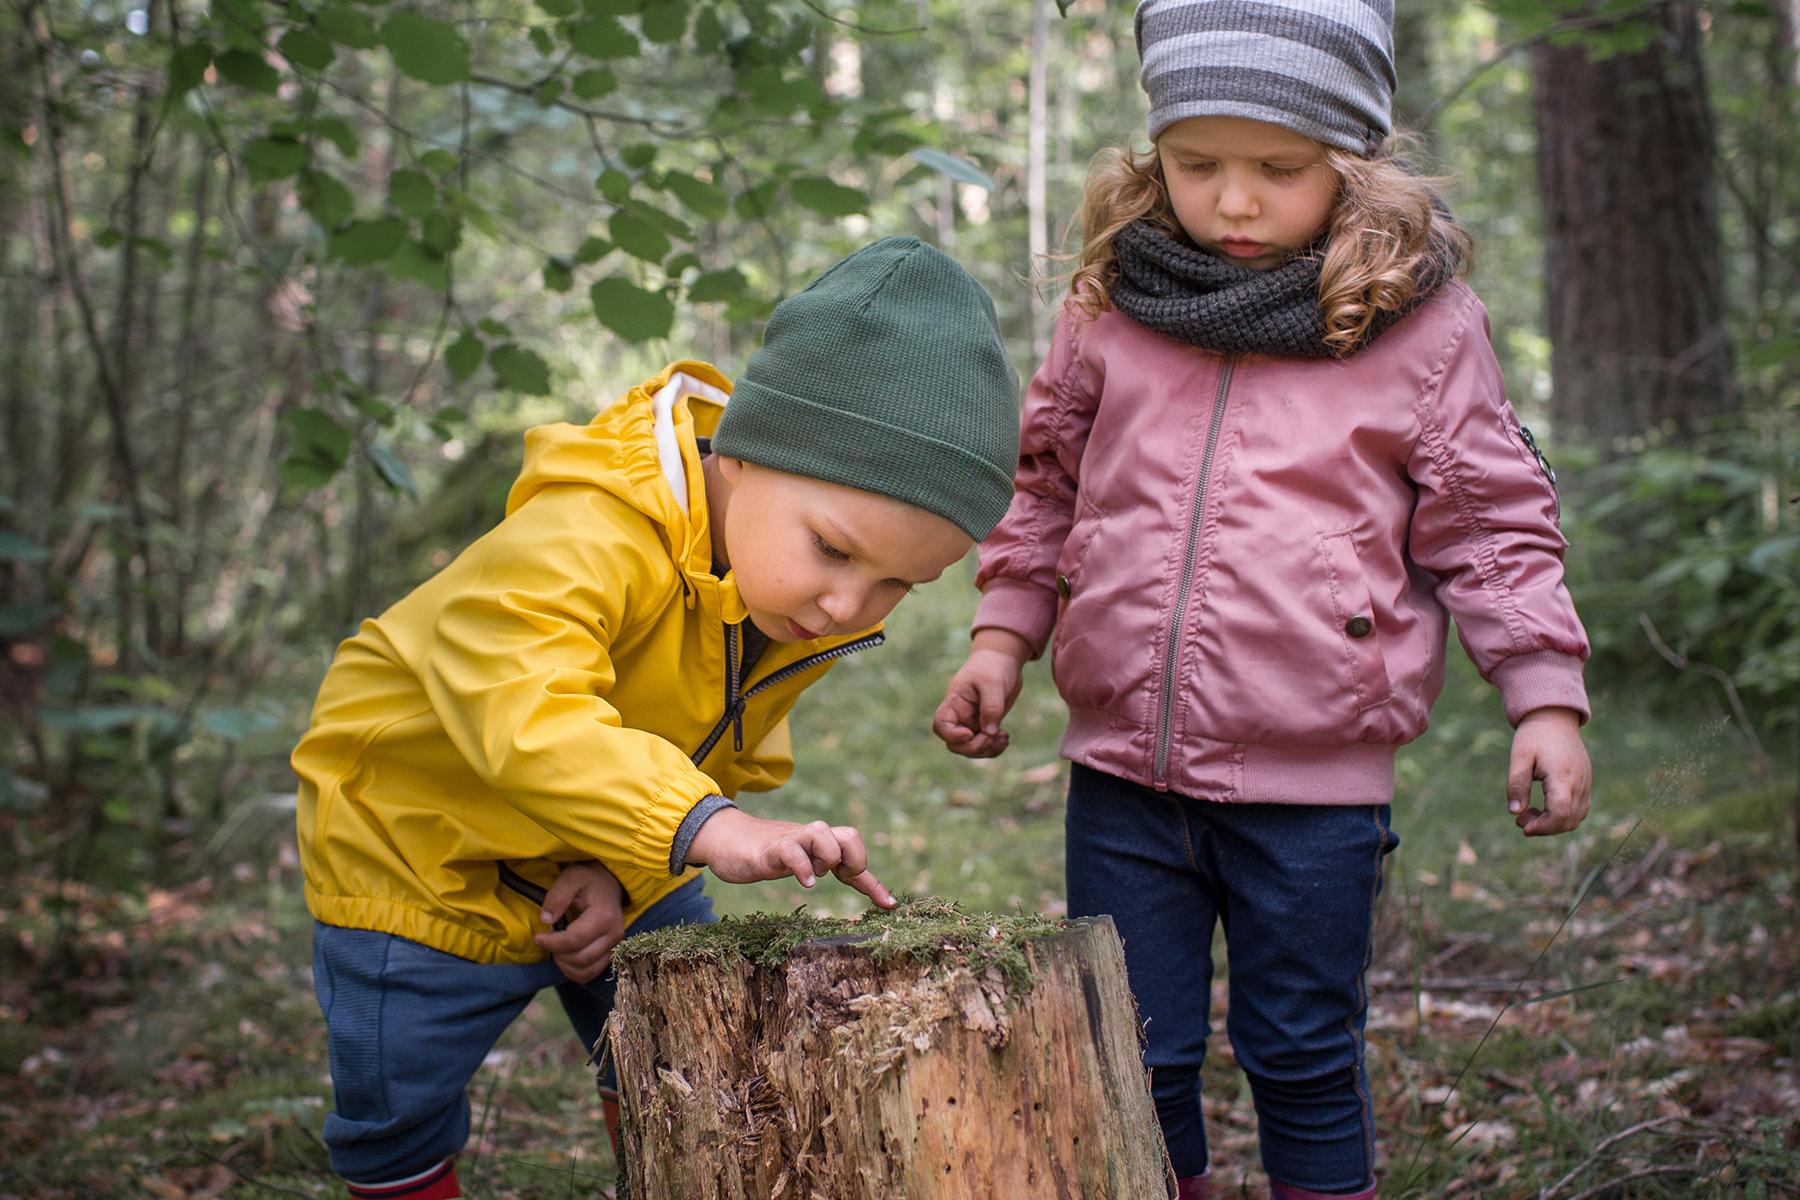 Vilka ombyteskläder behöver barnet på förskolan?